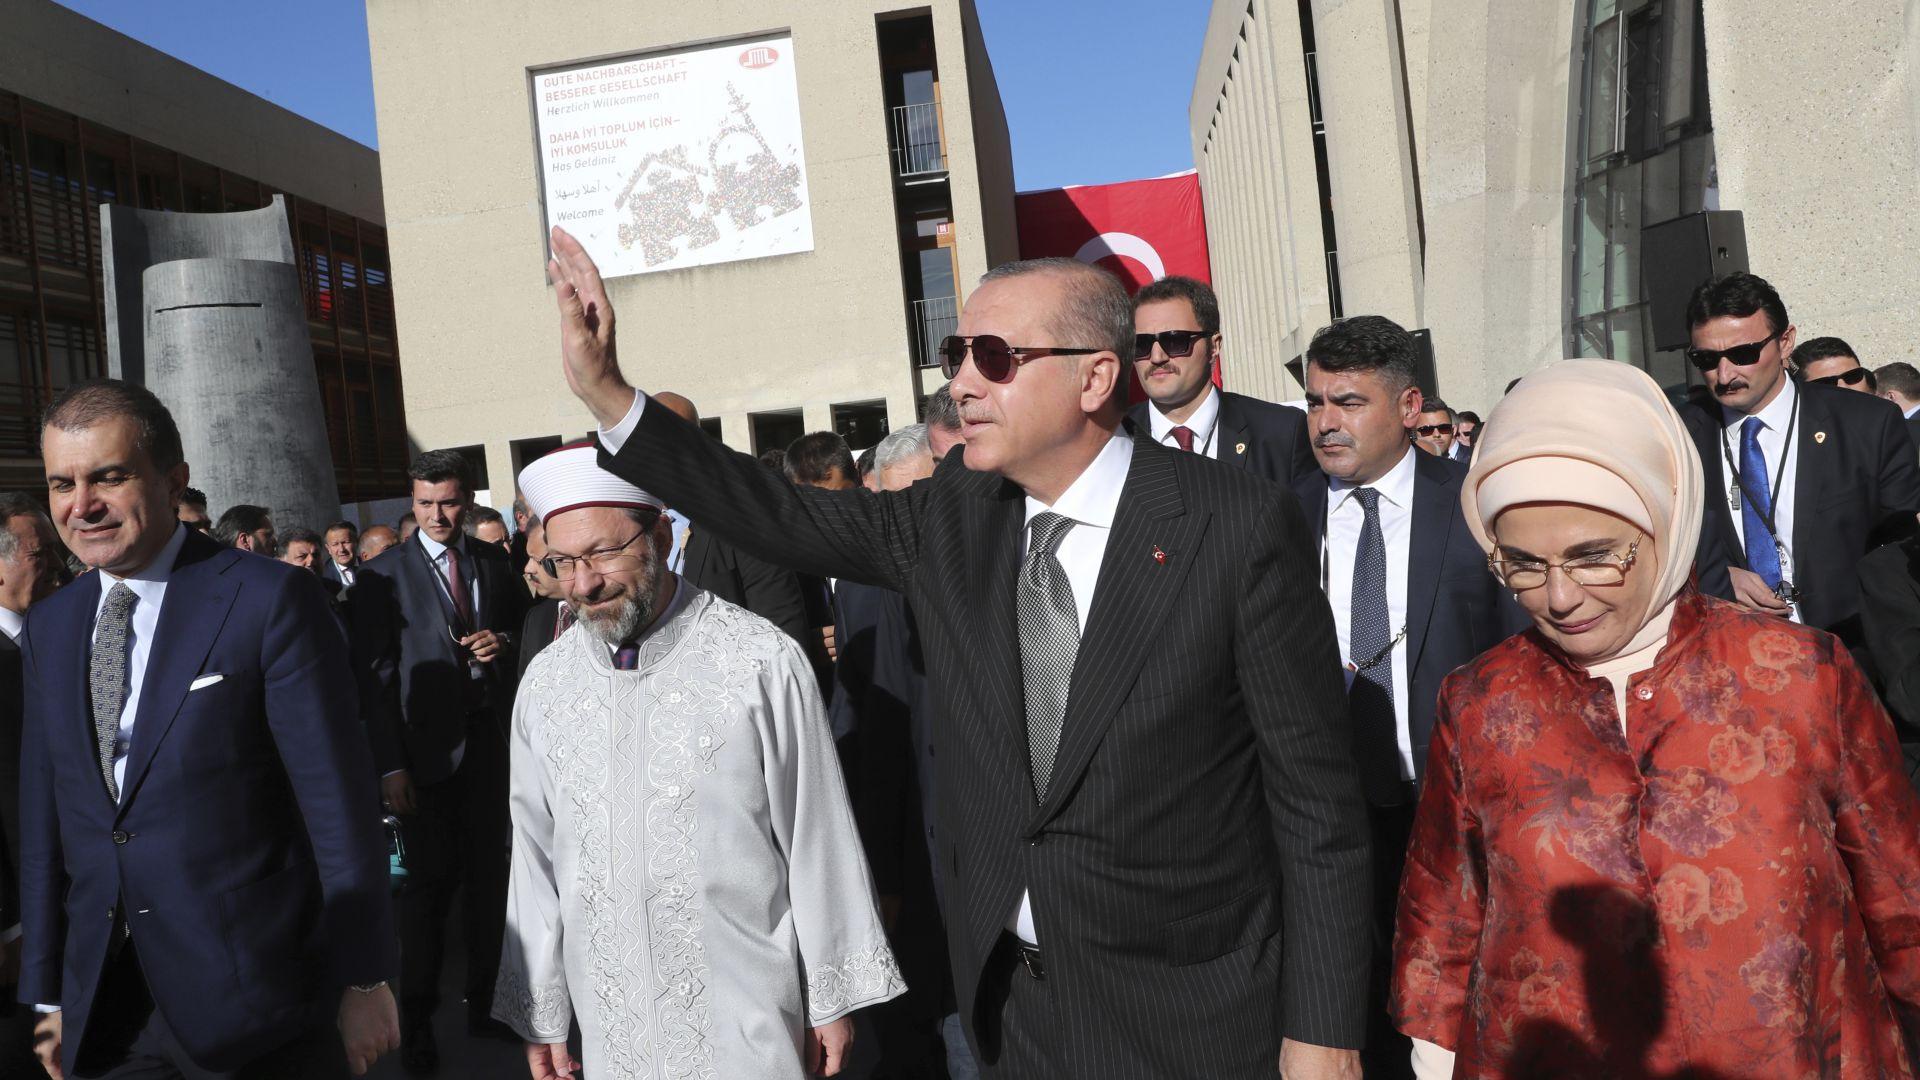 Немски полицаи дали кодово име на Ердоган на отявлен нацист